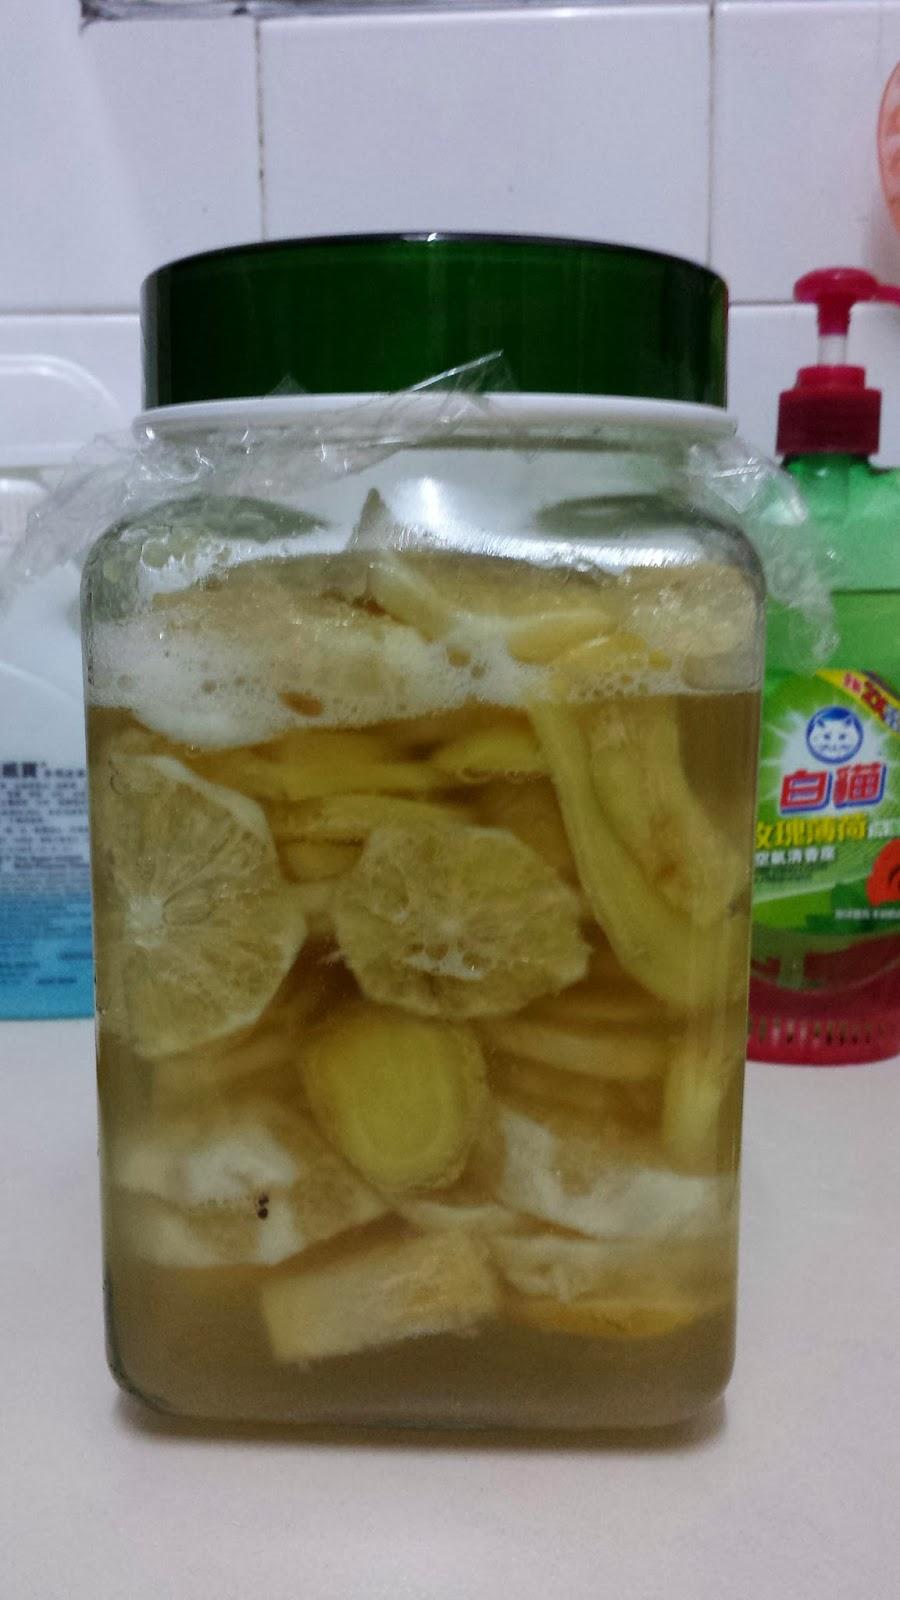 媽咪網誌: 檸檬薑酵素